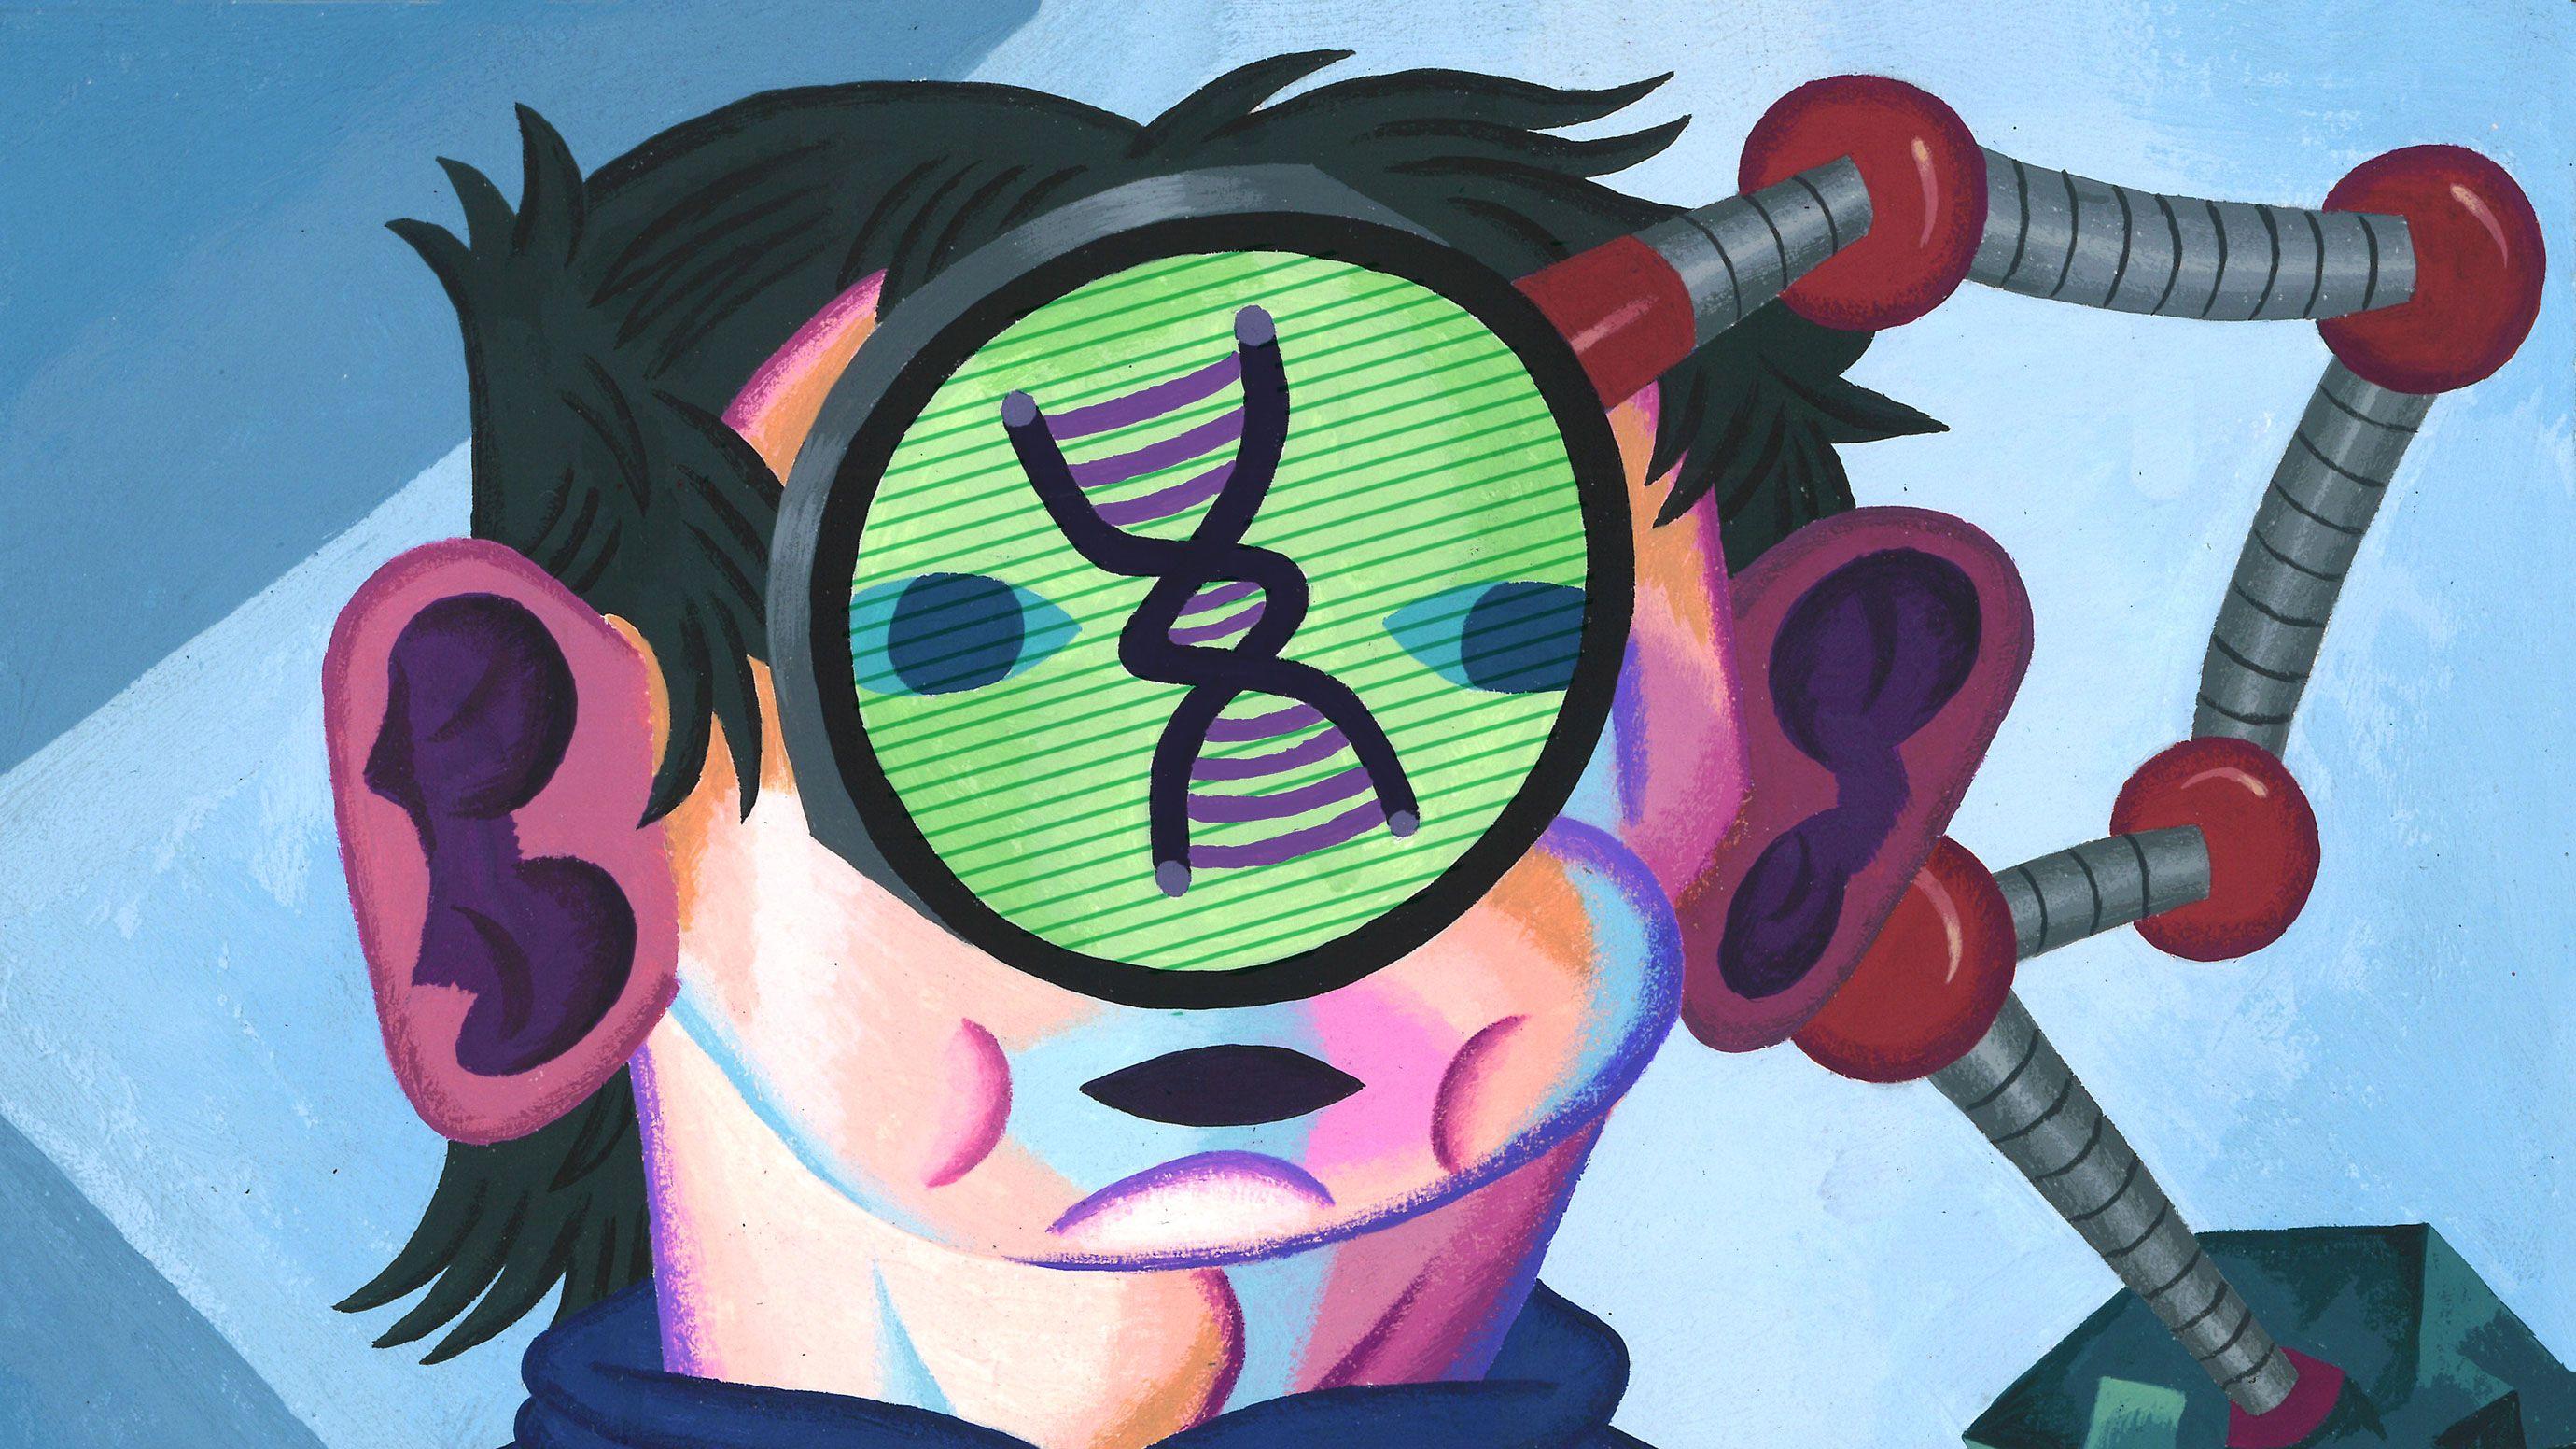 全ゲノム解析でも 診断できない病気がある